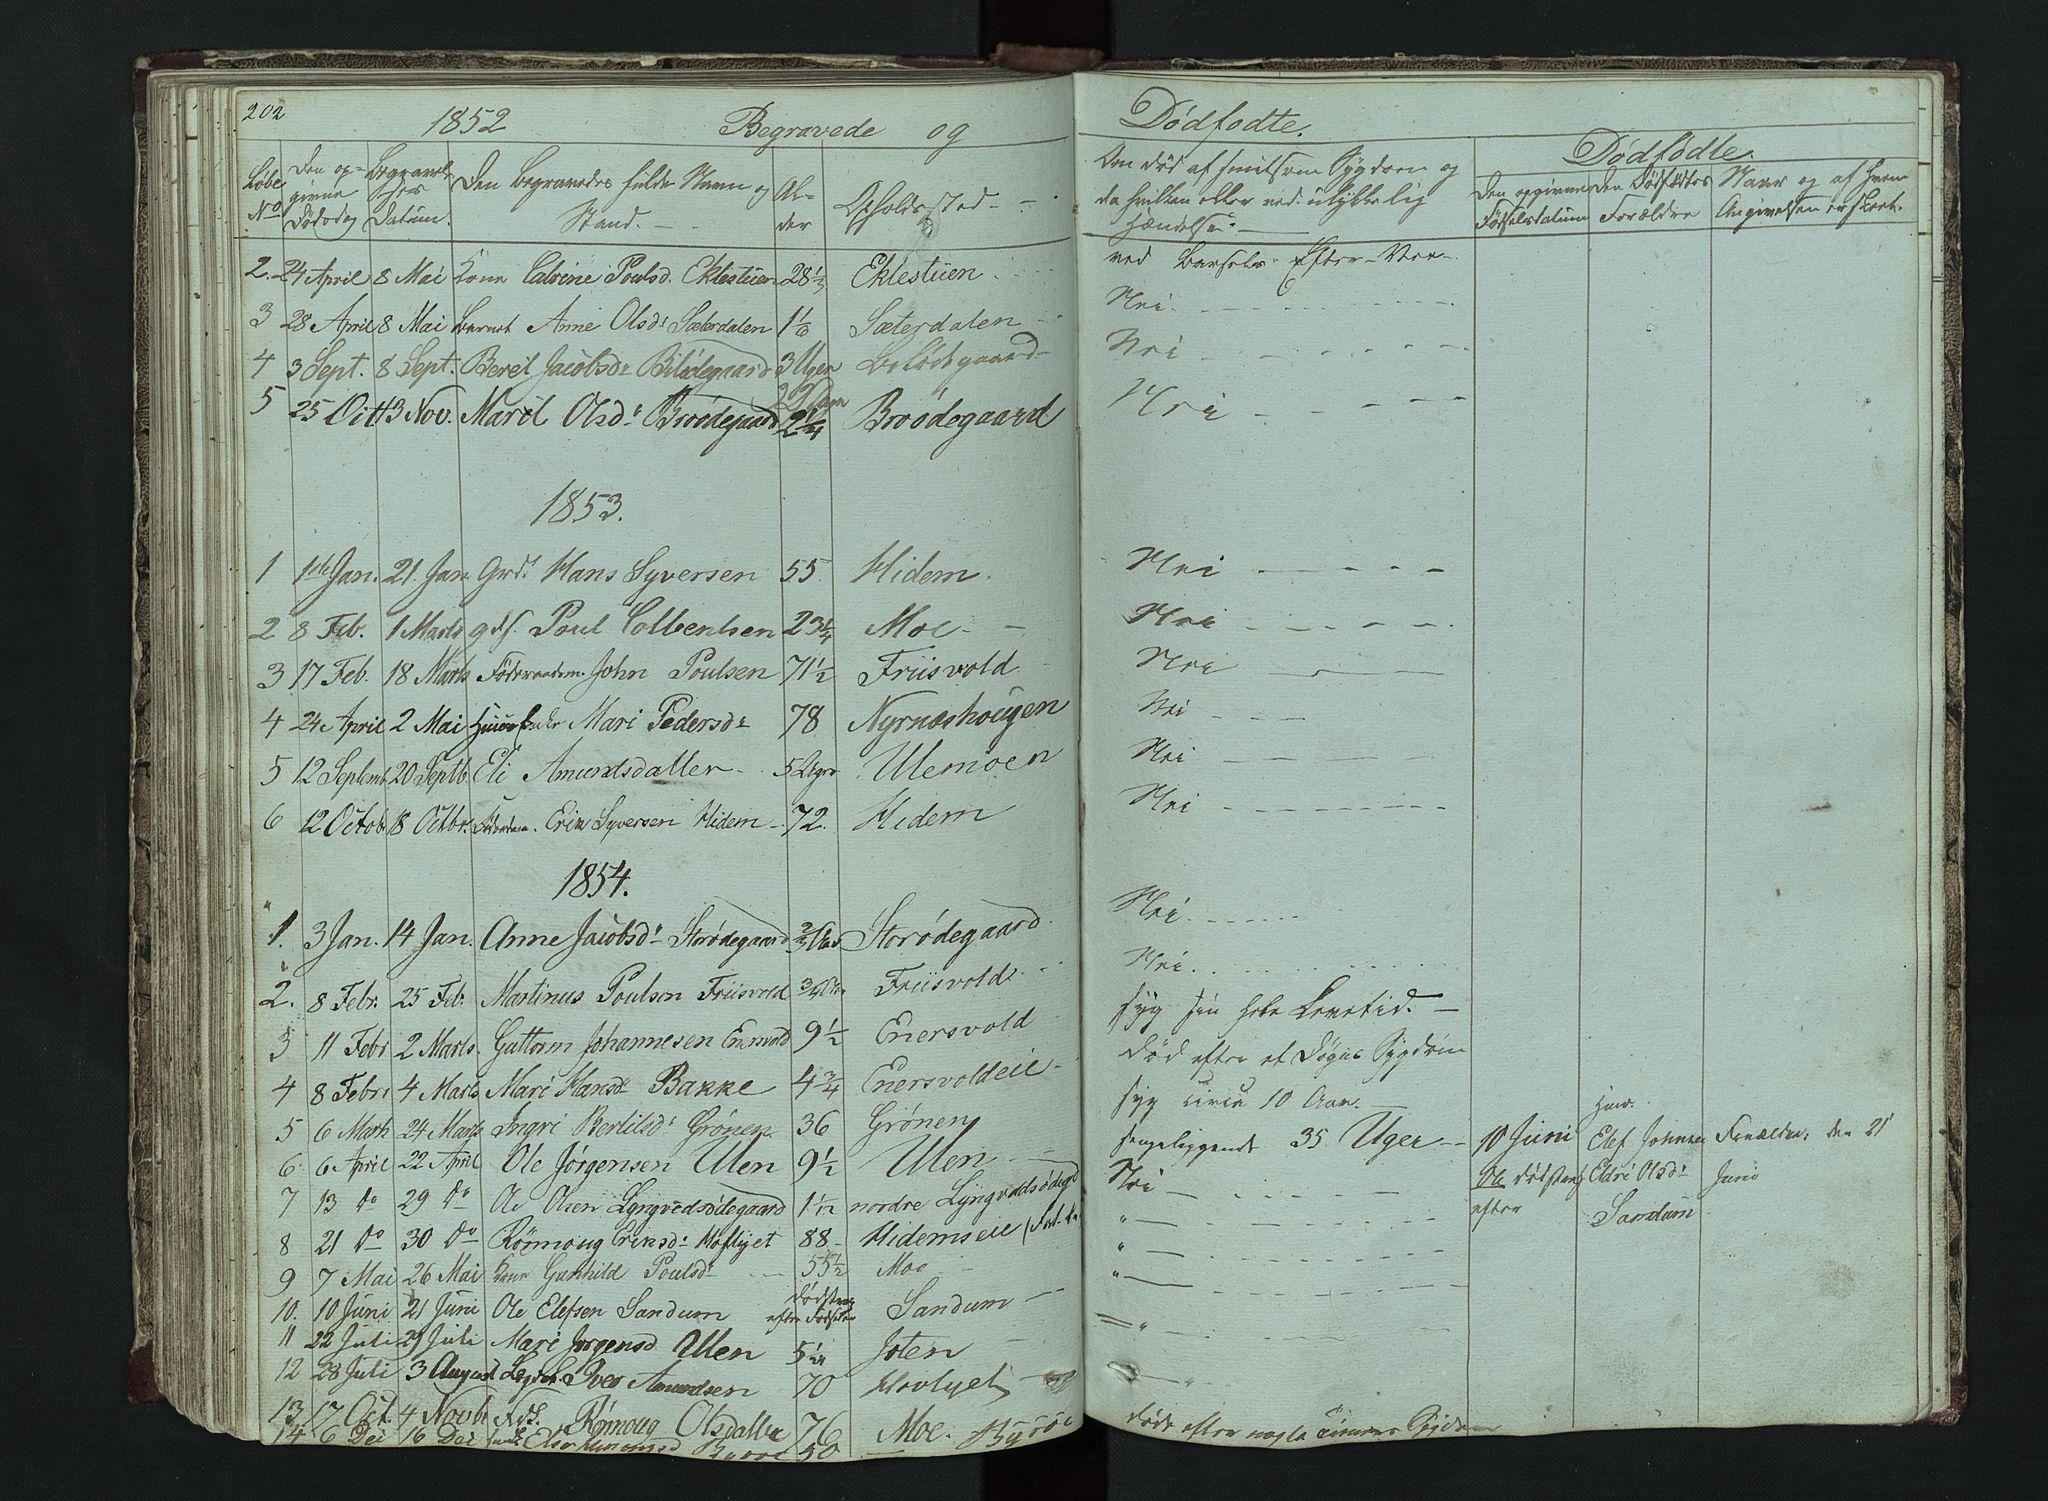 SAH, Lom prestekontor, L/L0014: Klokkerbok nr. 14, 1845-1876, s. 202-203